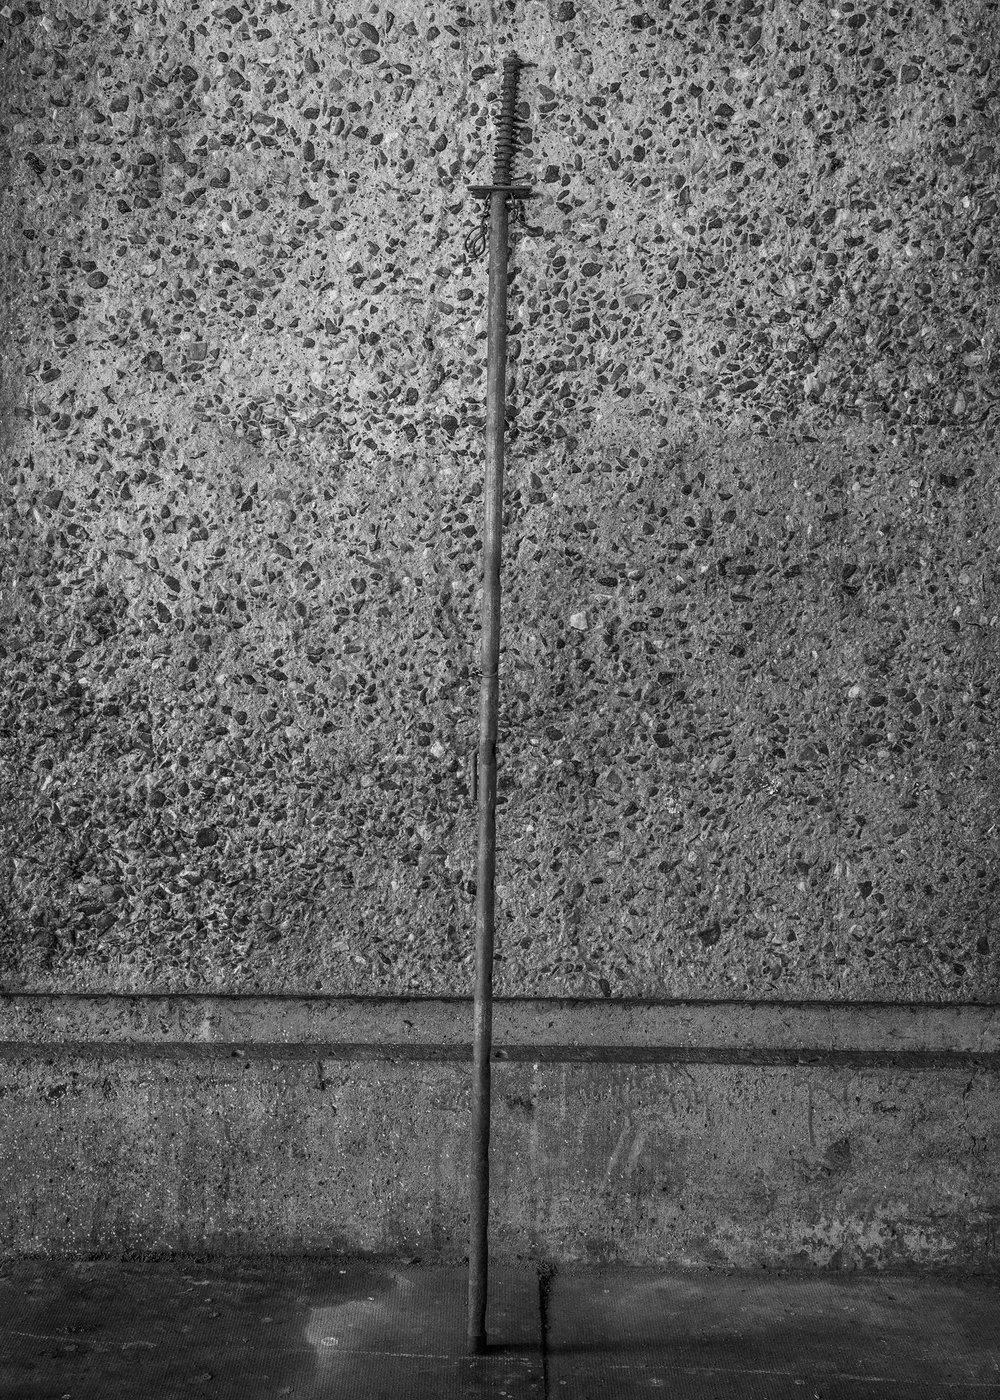 Lurve-02-Final-18.jpg